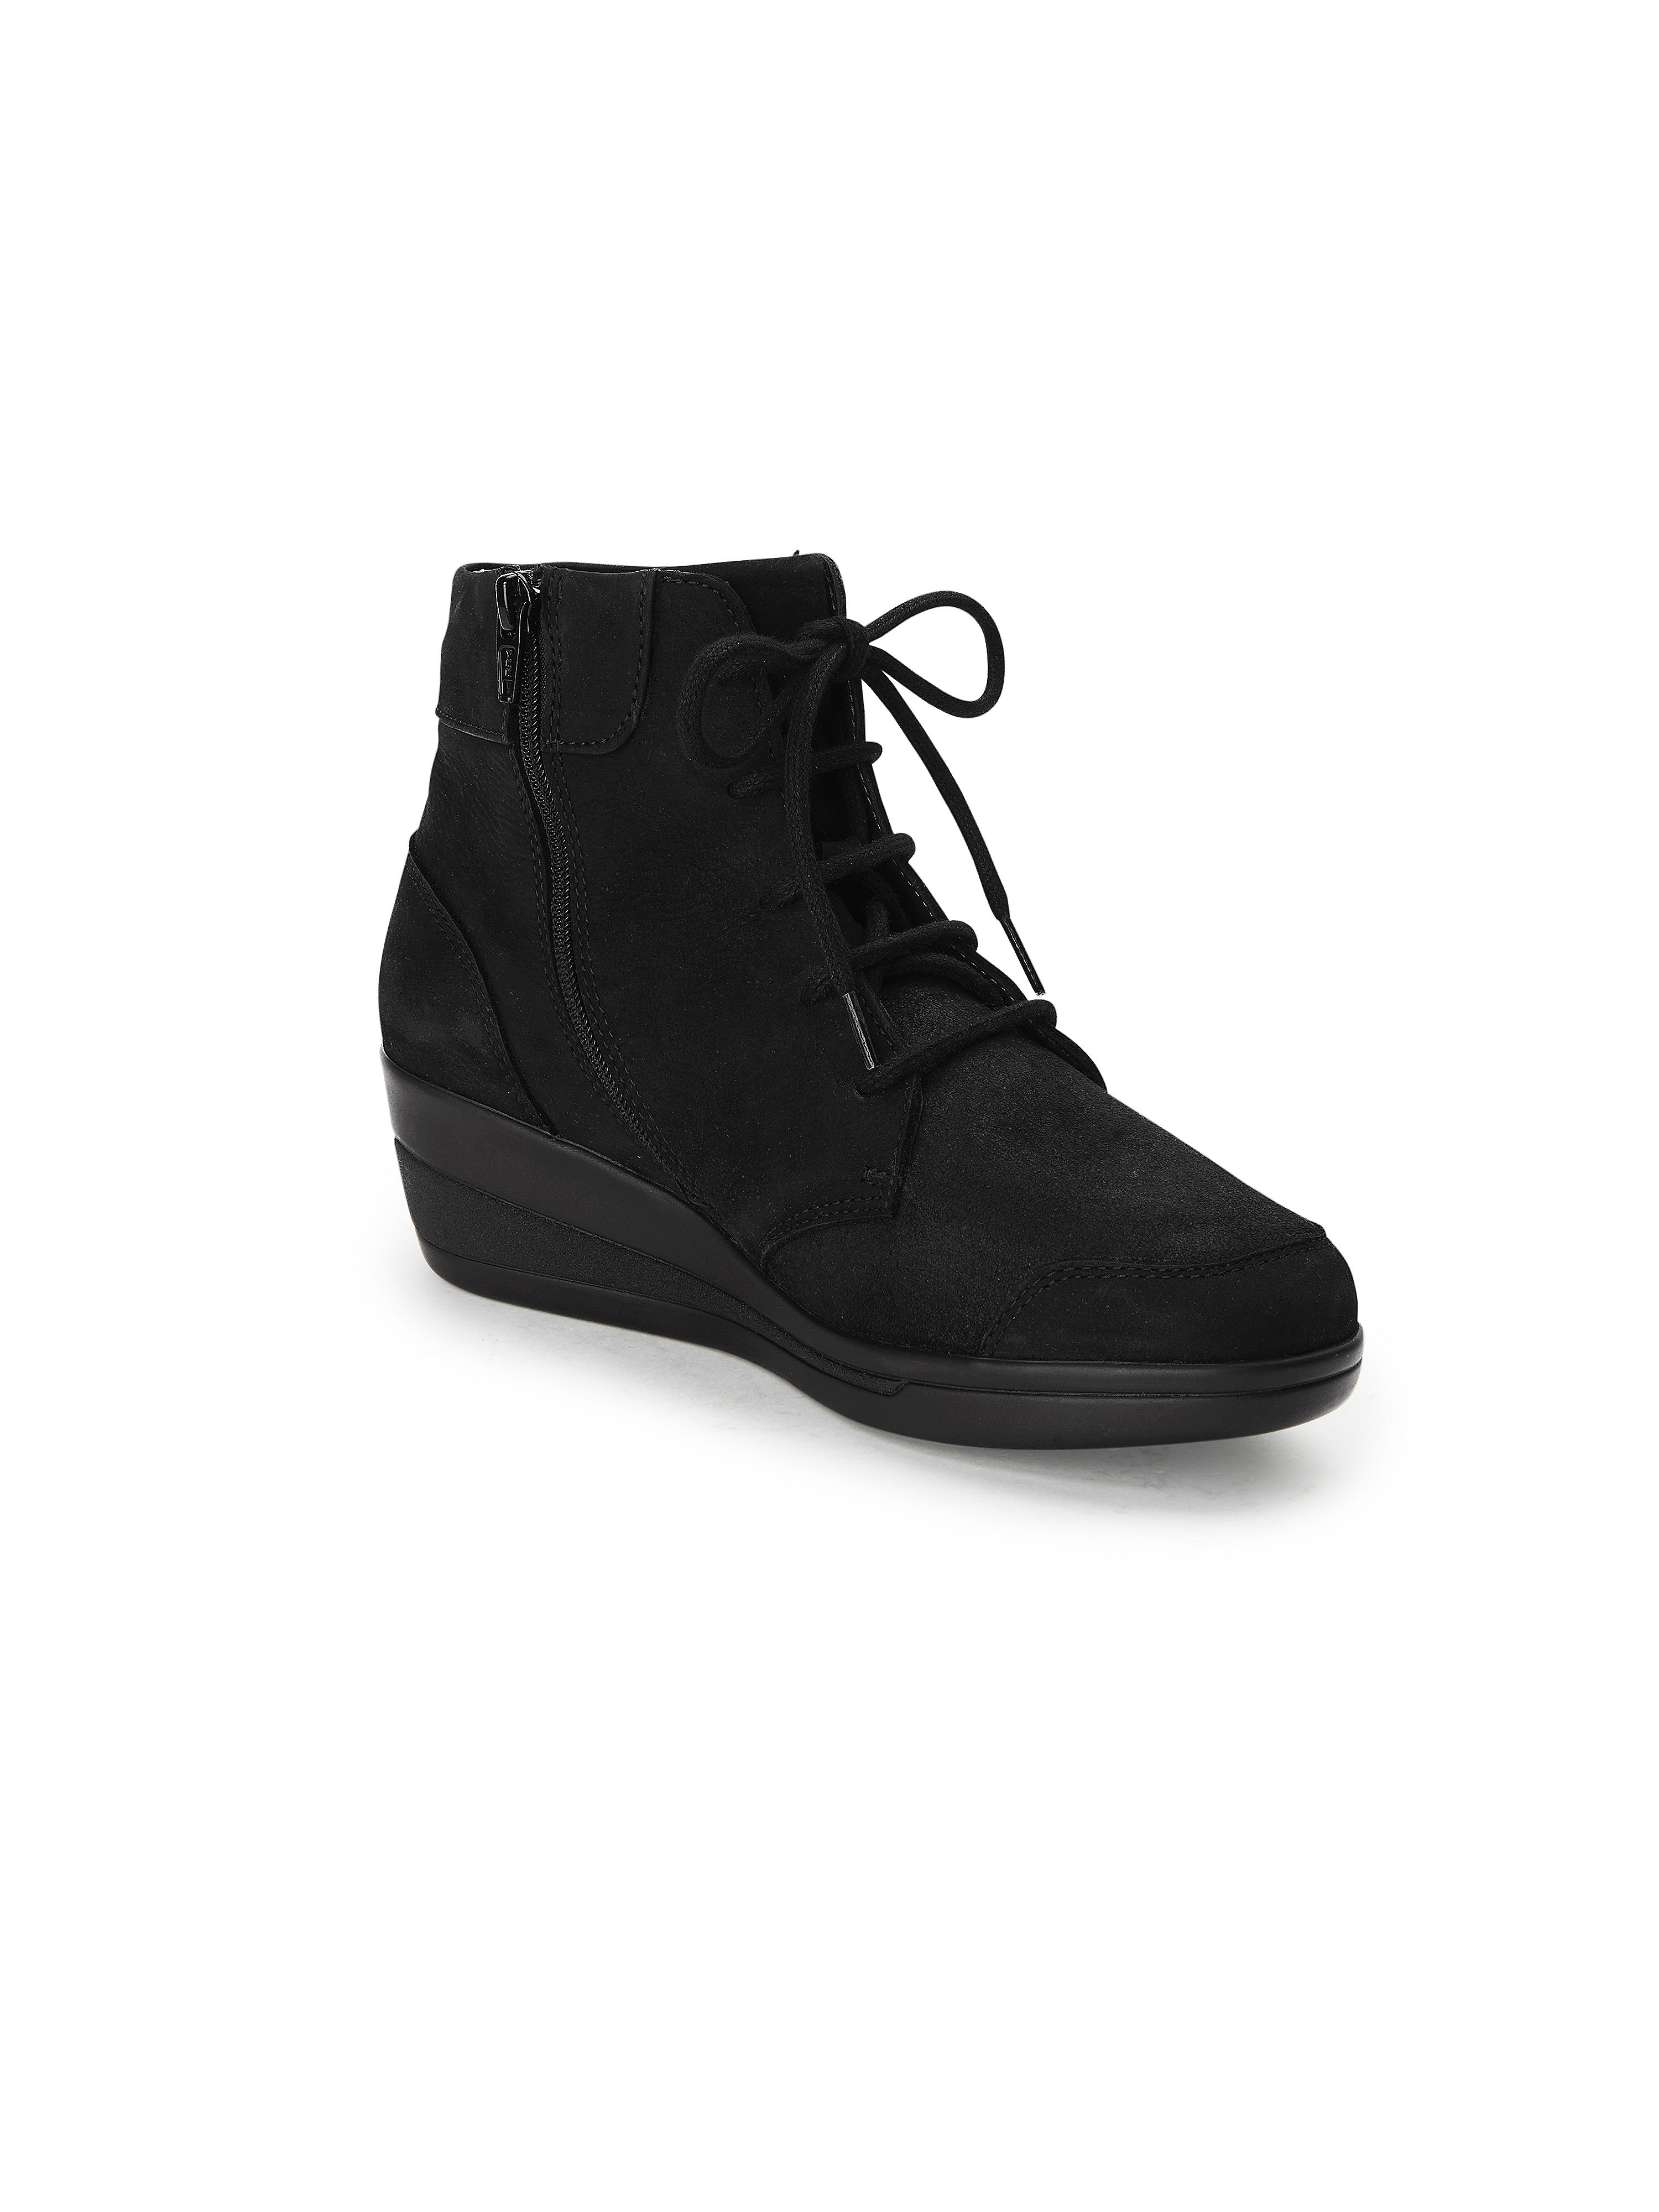 Xsensible - Schnür-Stiefelette Calla aus 100% Leder - Schuhe Schwarz Gute Qualität beliebte Schuhe - c3c4f2